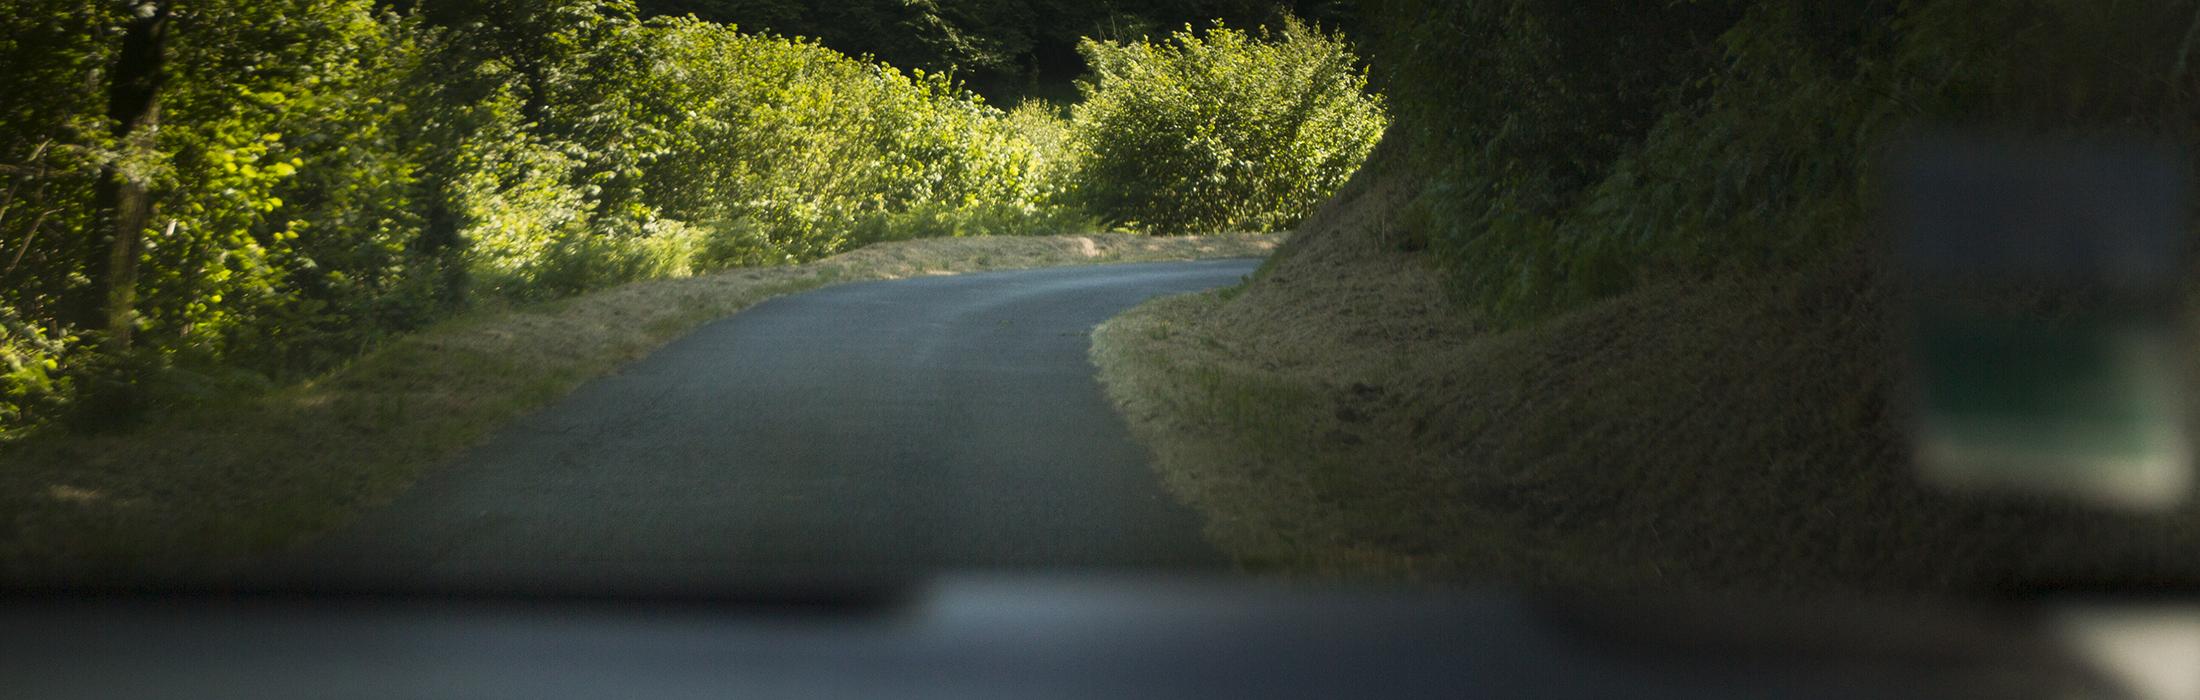 En voiture    L'accès au Pays de Vire est facilité par l'autoroute A84 (gratuite depuis Caen et Rennes)     Vire se trouve à environ 65 km de Caen, 1